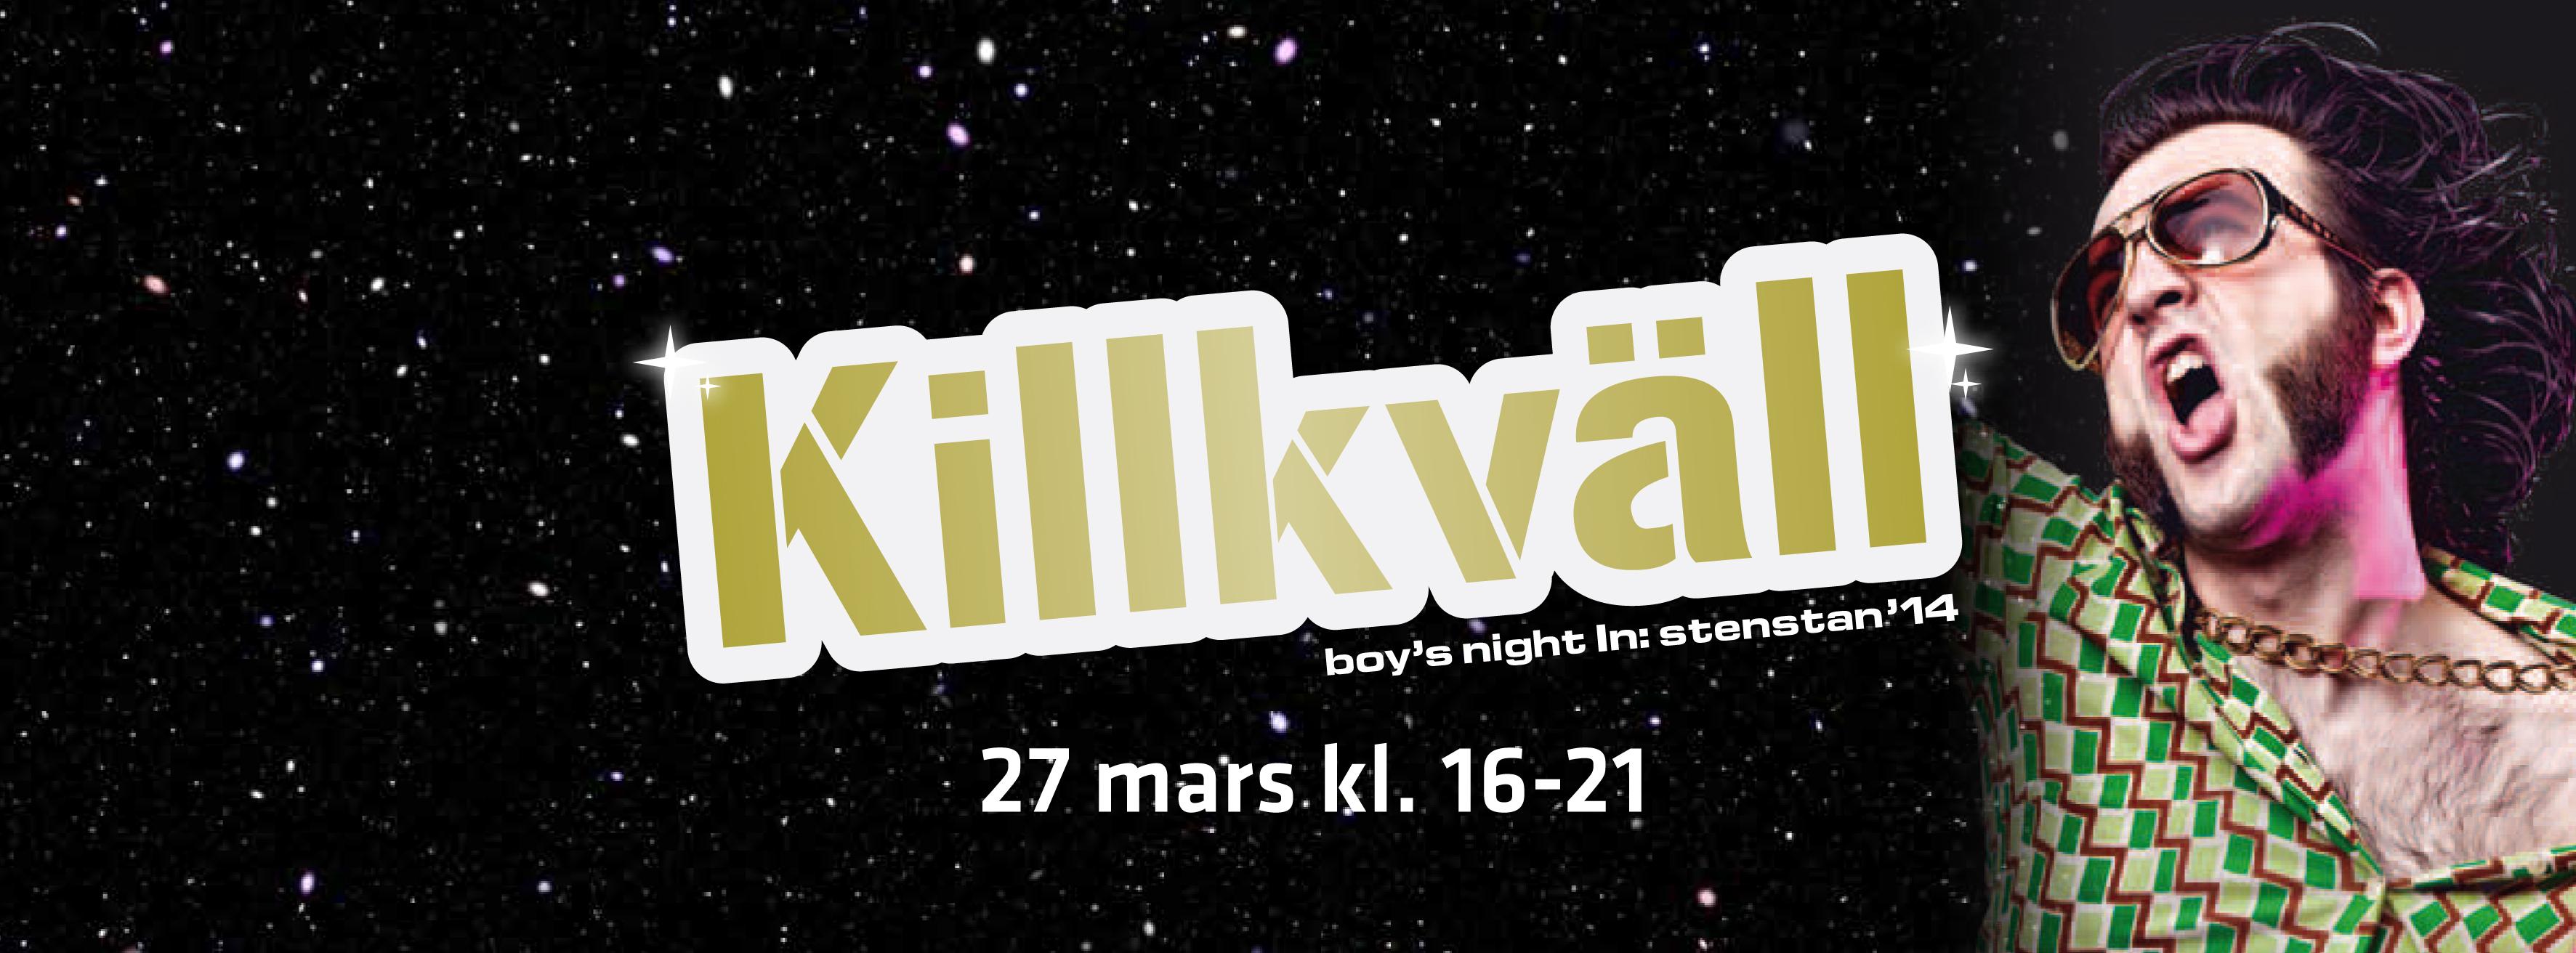 Killkvall_stenstan_FB_omslagsbild2